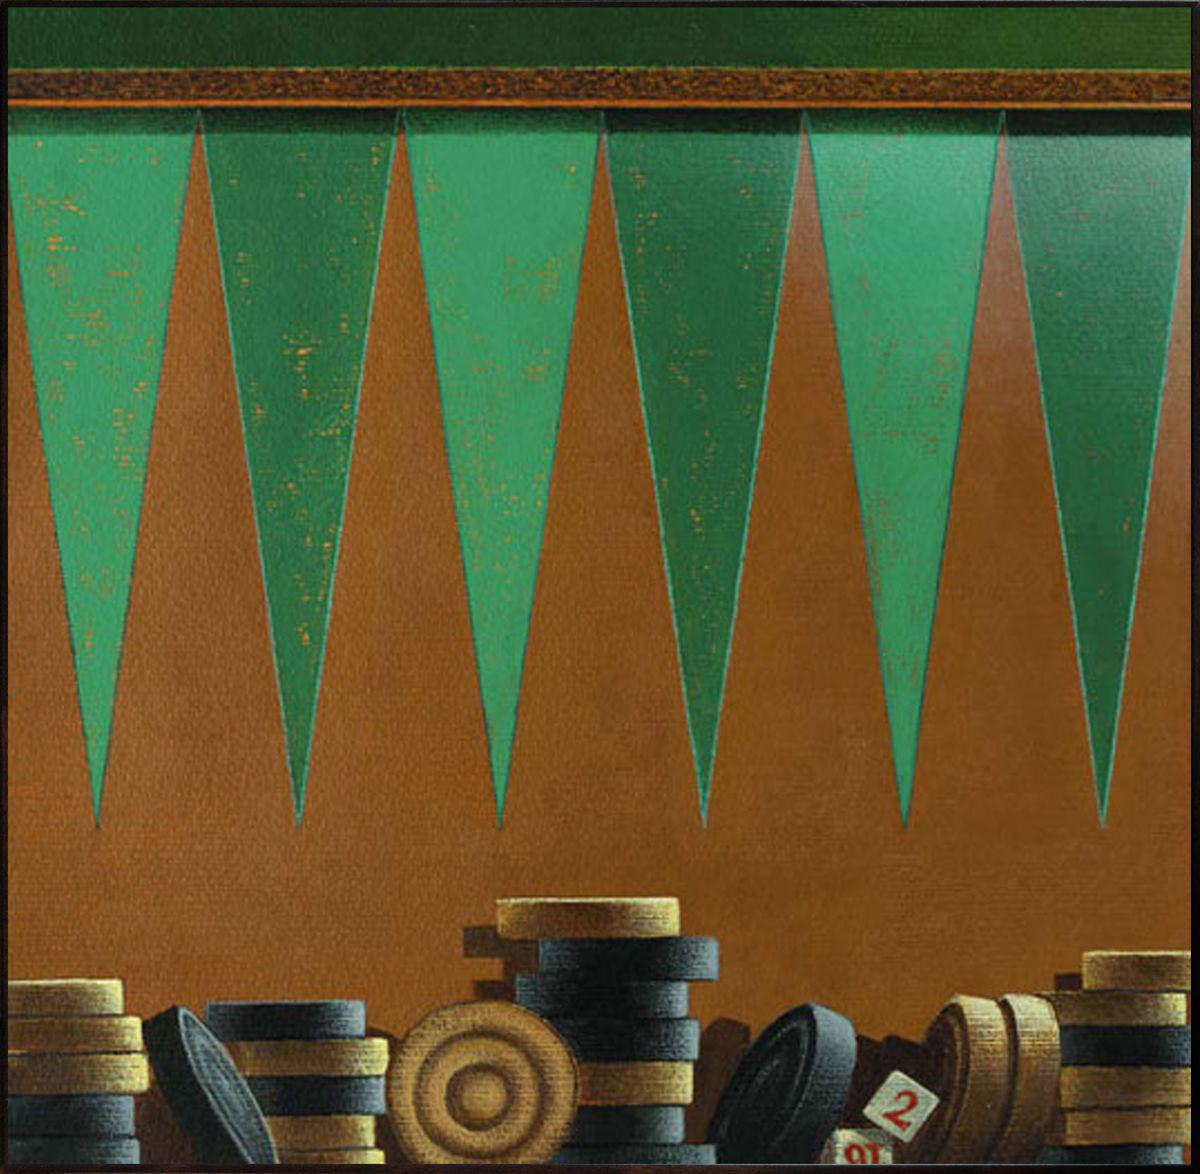 Декобокс СолоДомДекор Шашки, 50 х 50 см2000191902402Декобокс СолоДомДекор Шашки выполнен из бумаги, рама - из МДФ. Современные технологии, уникальное оборудование и цифровая печать, используемые в производстве, делают постер устойчивым к выцветанию и обеспечивают исключительное качество произведений. Благодаря наличию необходимых креплений в комплекте установка не займет много времени. Декобокс - это прекрасная возможность создать яркий акцент при оформлении любого помещения. Картина обязательно привлечет внимание и подарит немало приятных впечатлений своим обладателям. Правила ухода: можно протирать сухой, мягкой тканью.